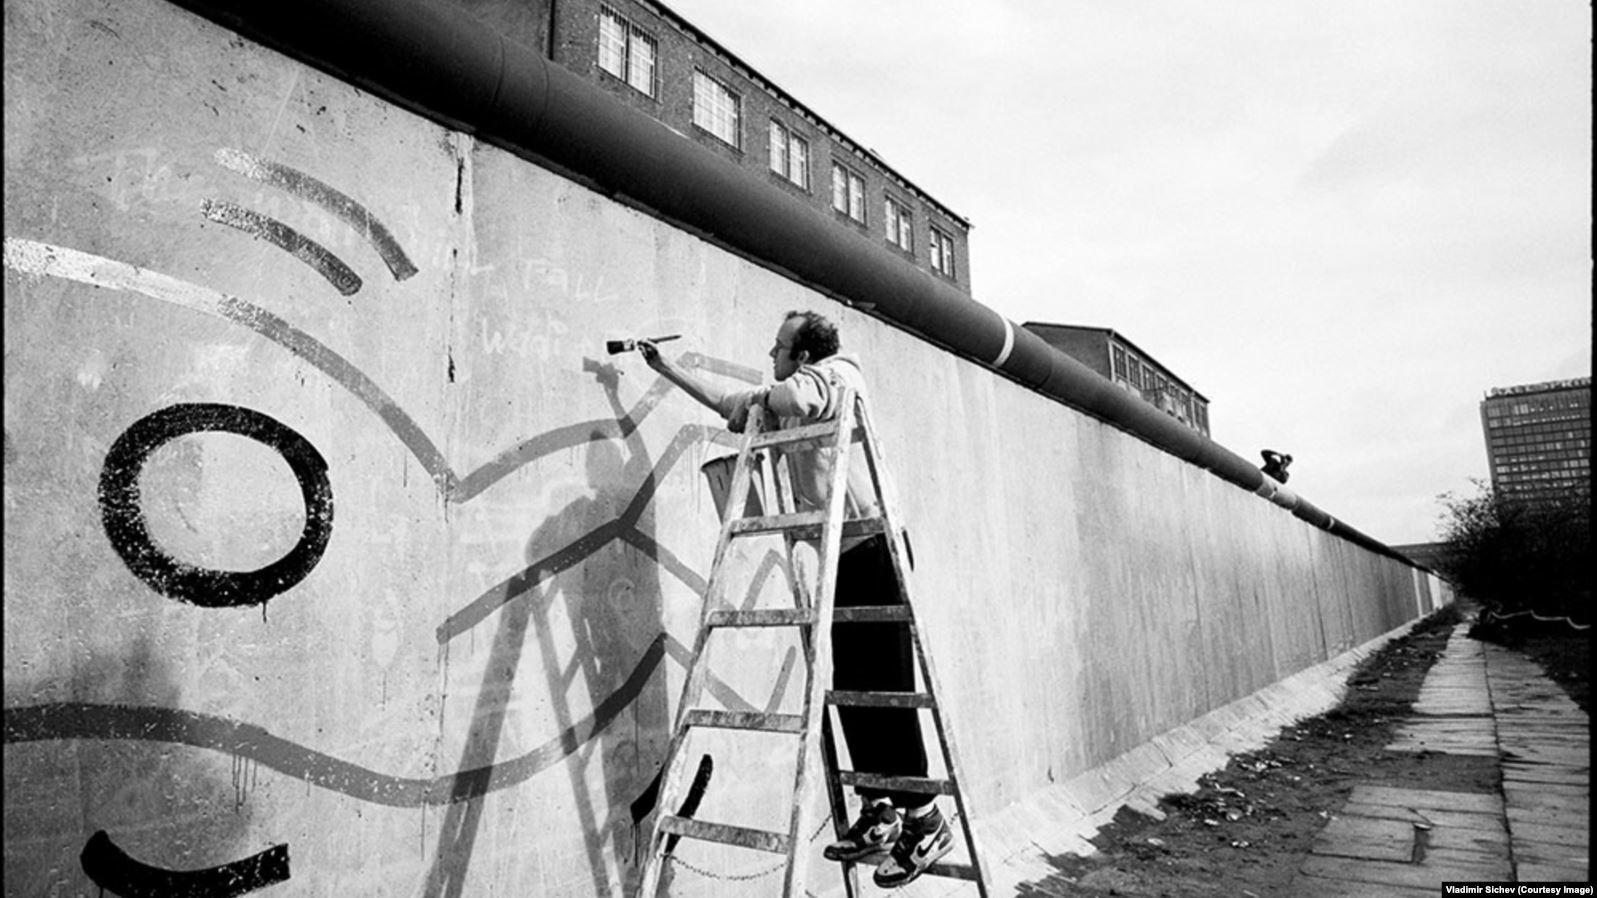 Американский художник Кит Харинг рисует на западной стороне Берлинской стены, 1986 год